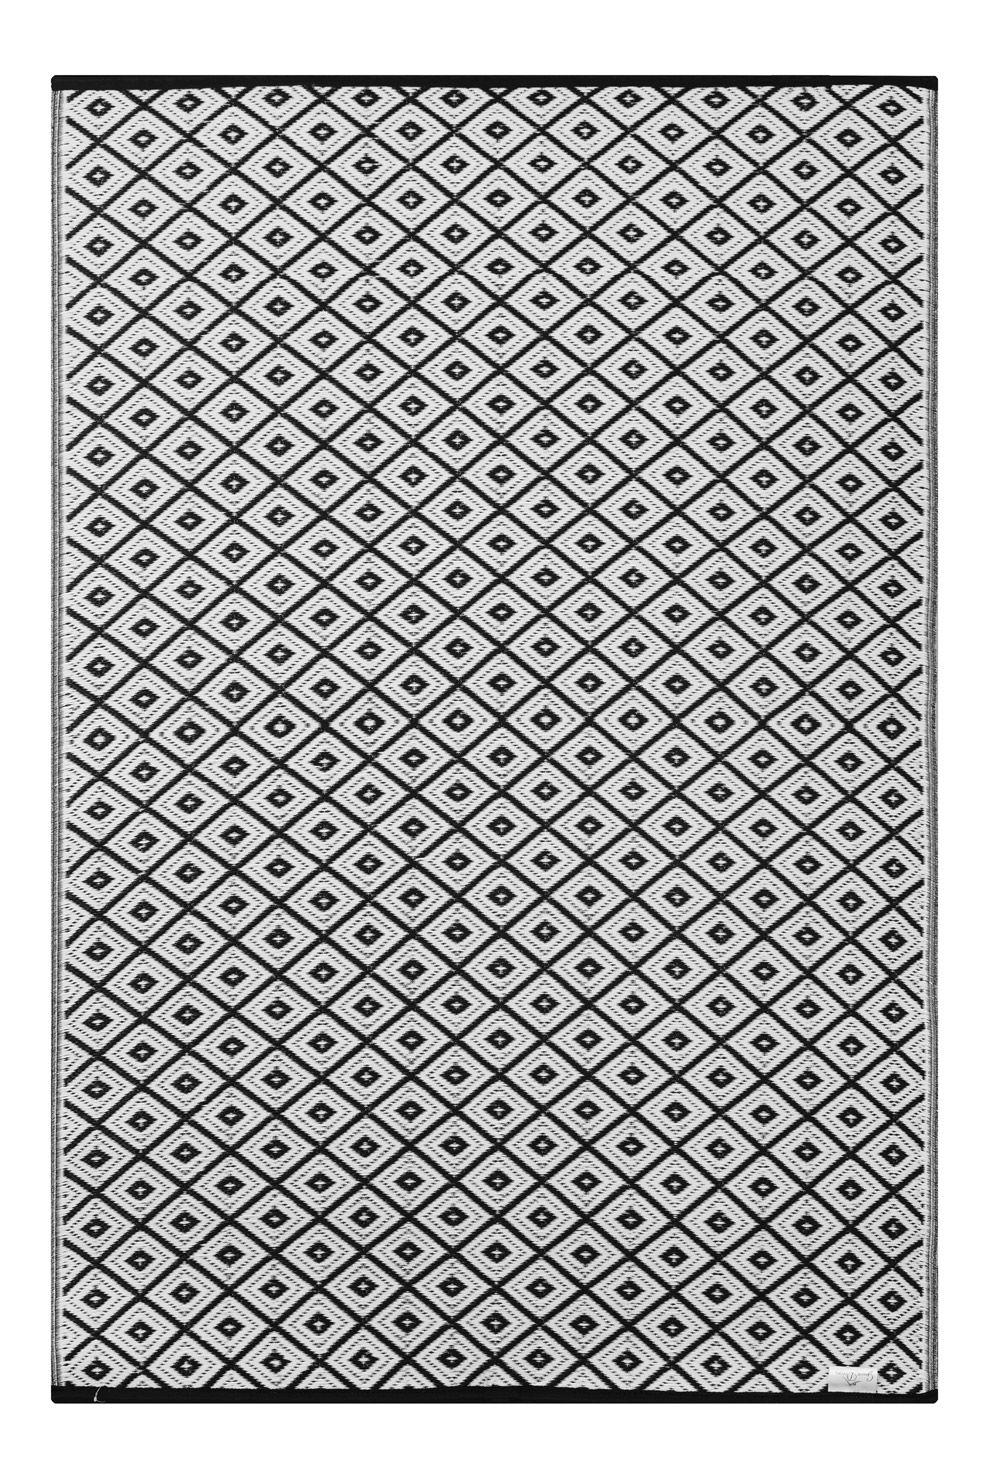 Full Size of Garten Im Quadrat Outdoor Teppich Arabien Wohnzimmer Bett Weiß 140x200 Badezimmer Hochschrank Hochglanz 180x200 Regal Metall Teppiche Küche Schwarz Weißes Wohnzimmer Teppich Schwarz Weiß